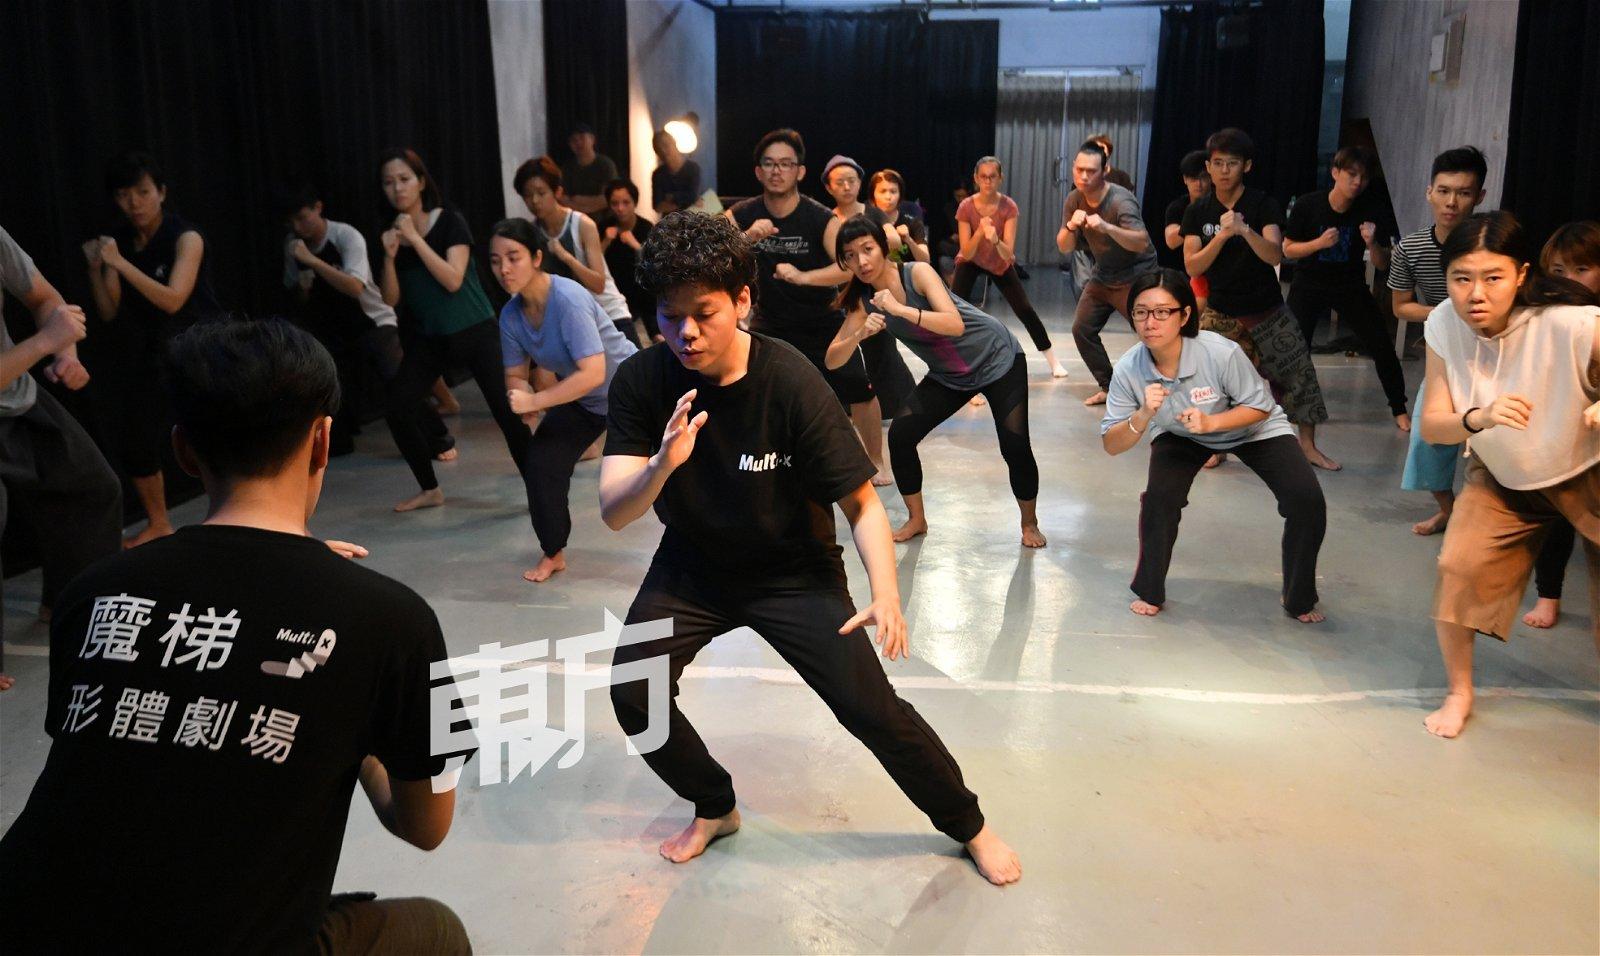 在教学时,方玠瑜会把动作分解,一步一步做教学,并会与助教先行示范,让学生观摩一轮再开始练习。